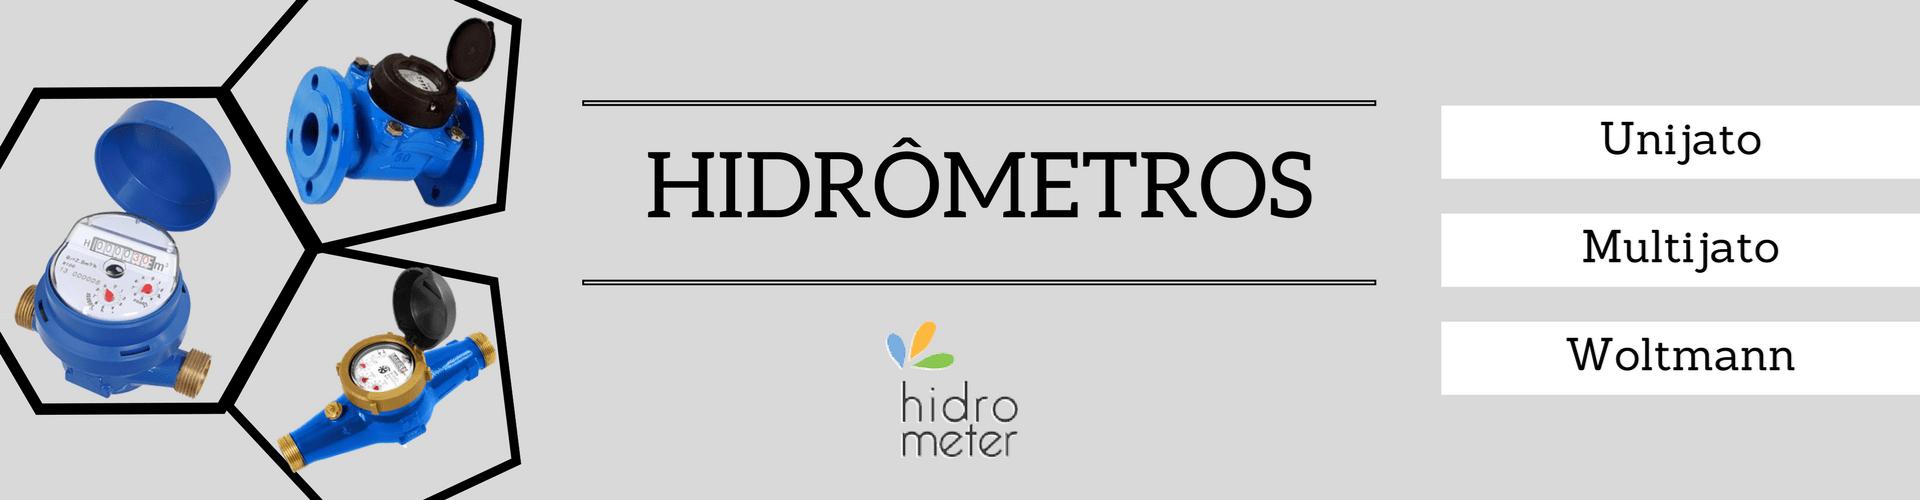 Hidrometro